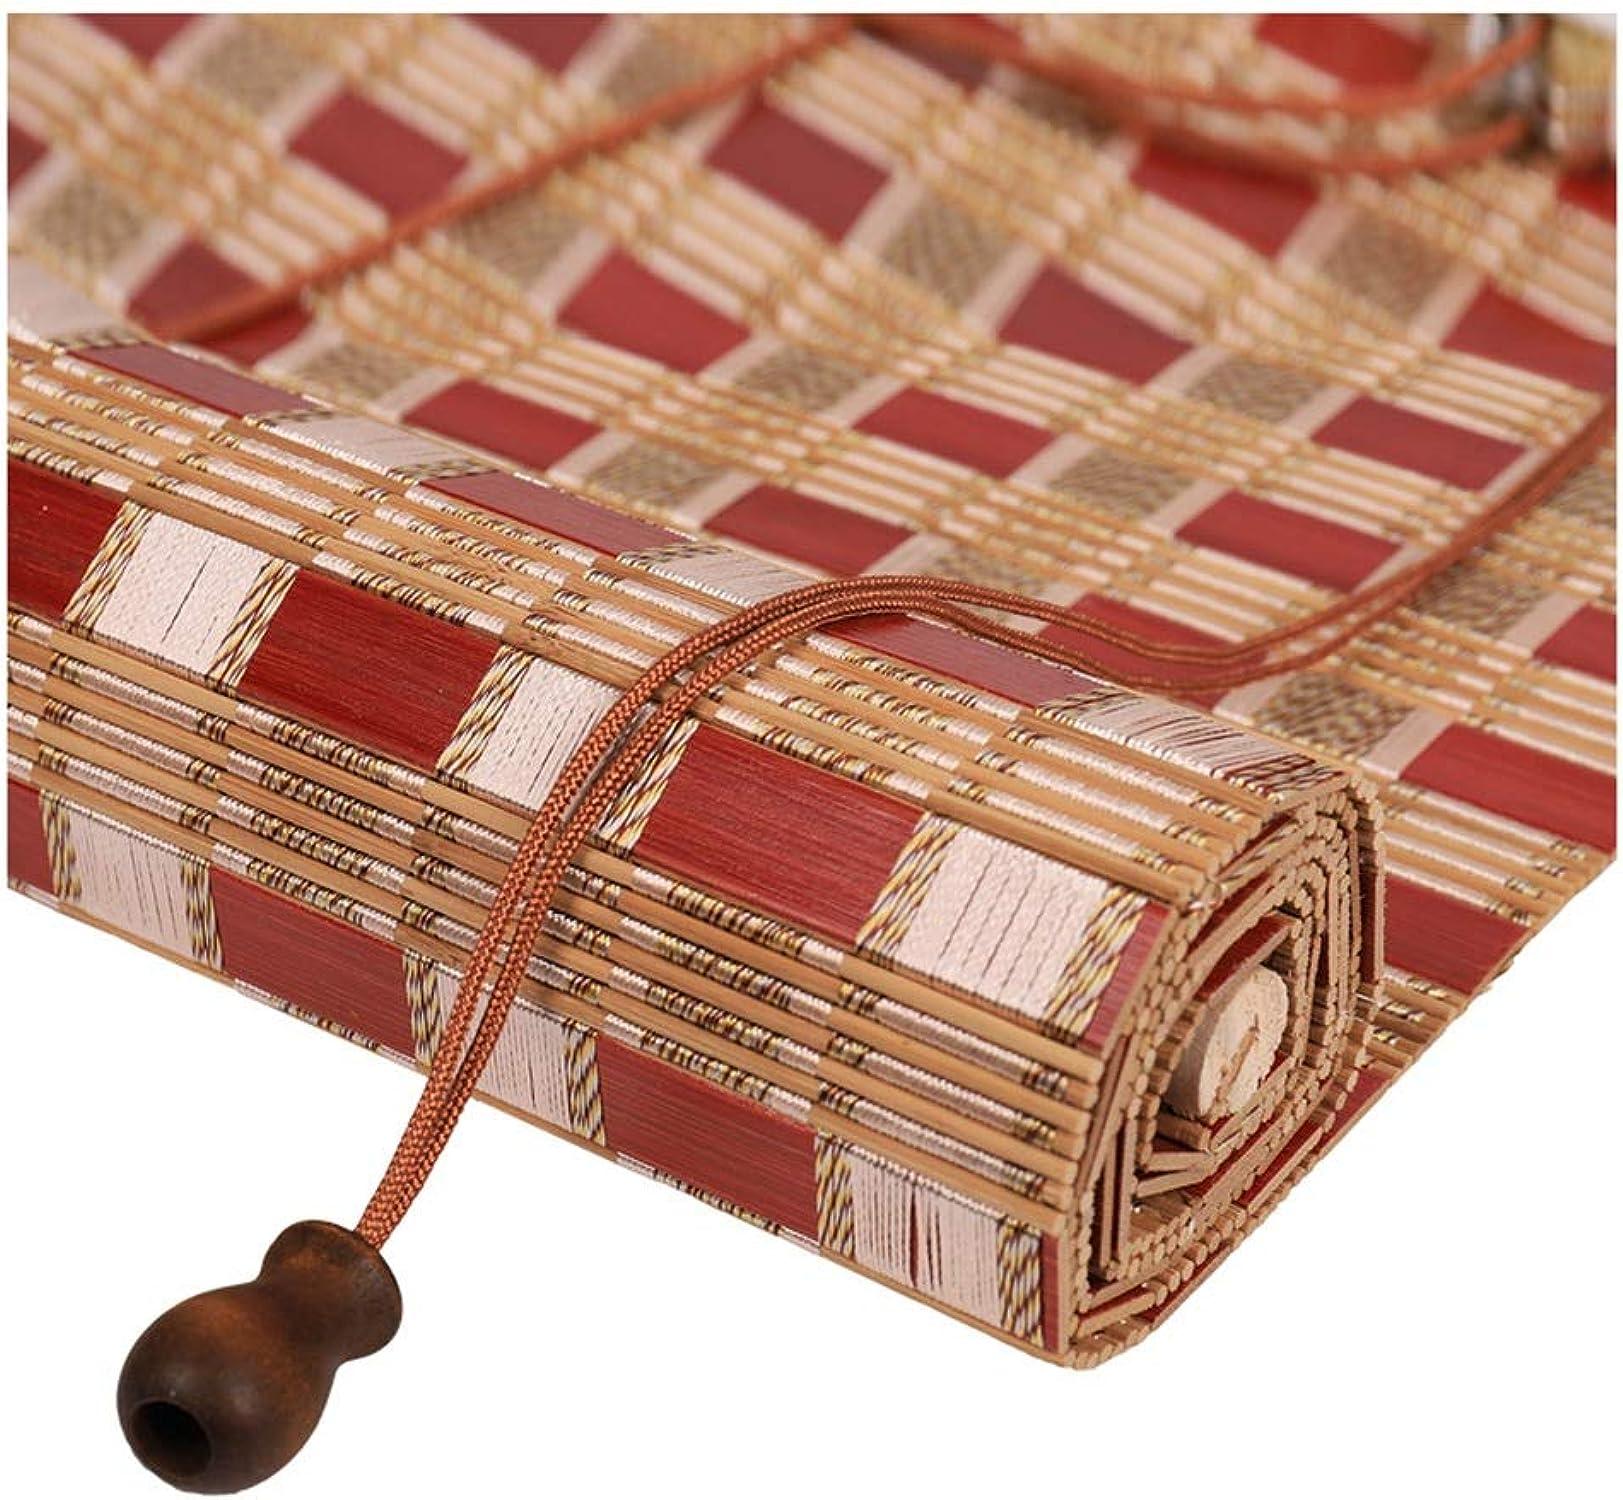 a la venta ZEMIN Bambú Rodillo Ciego Ciego Ciego Ventana A Prueba De Viento Mantener Caliente Sombra Cortina Enrollar, 3 Colors, Multi-tamao Personalizado (Color   B, Tamao   50×150cm)  comprar descuentos